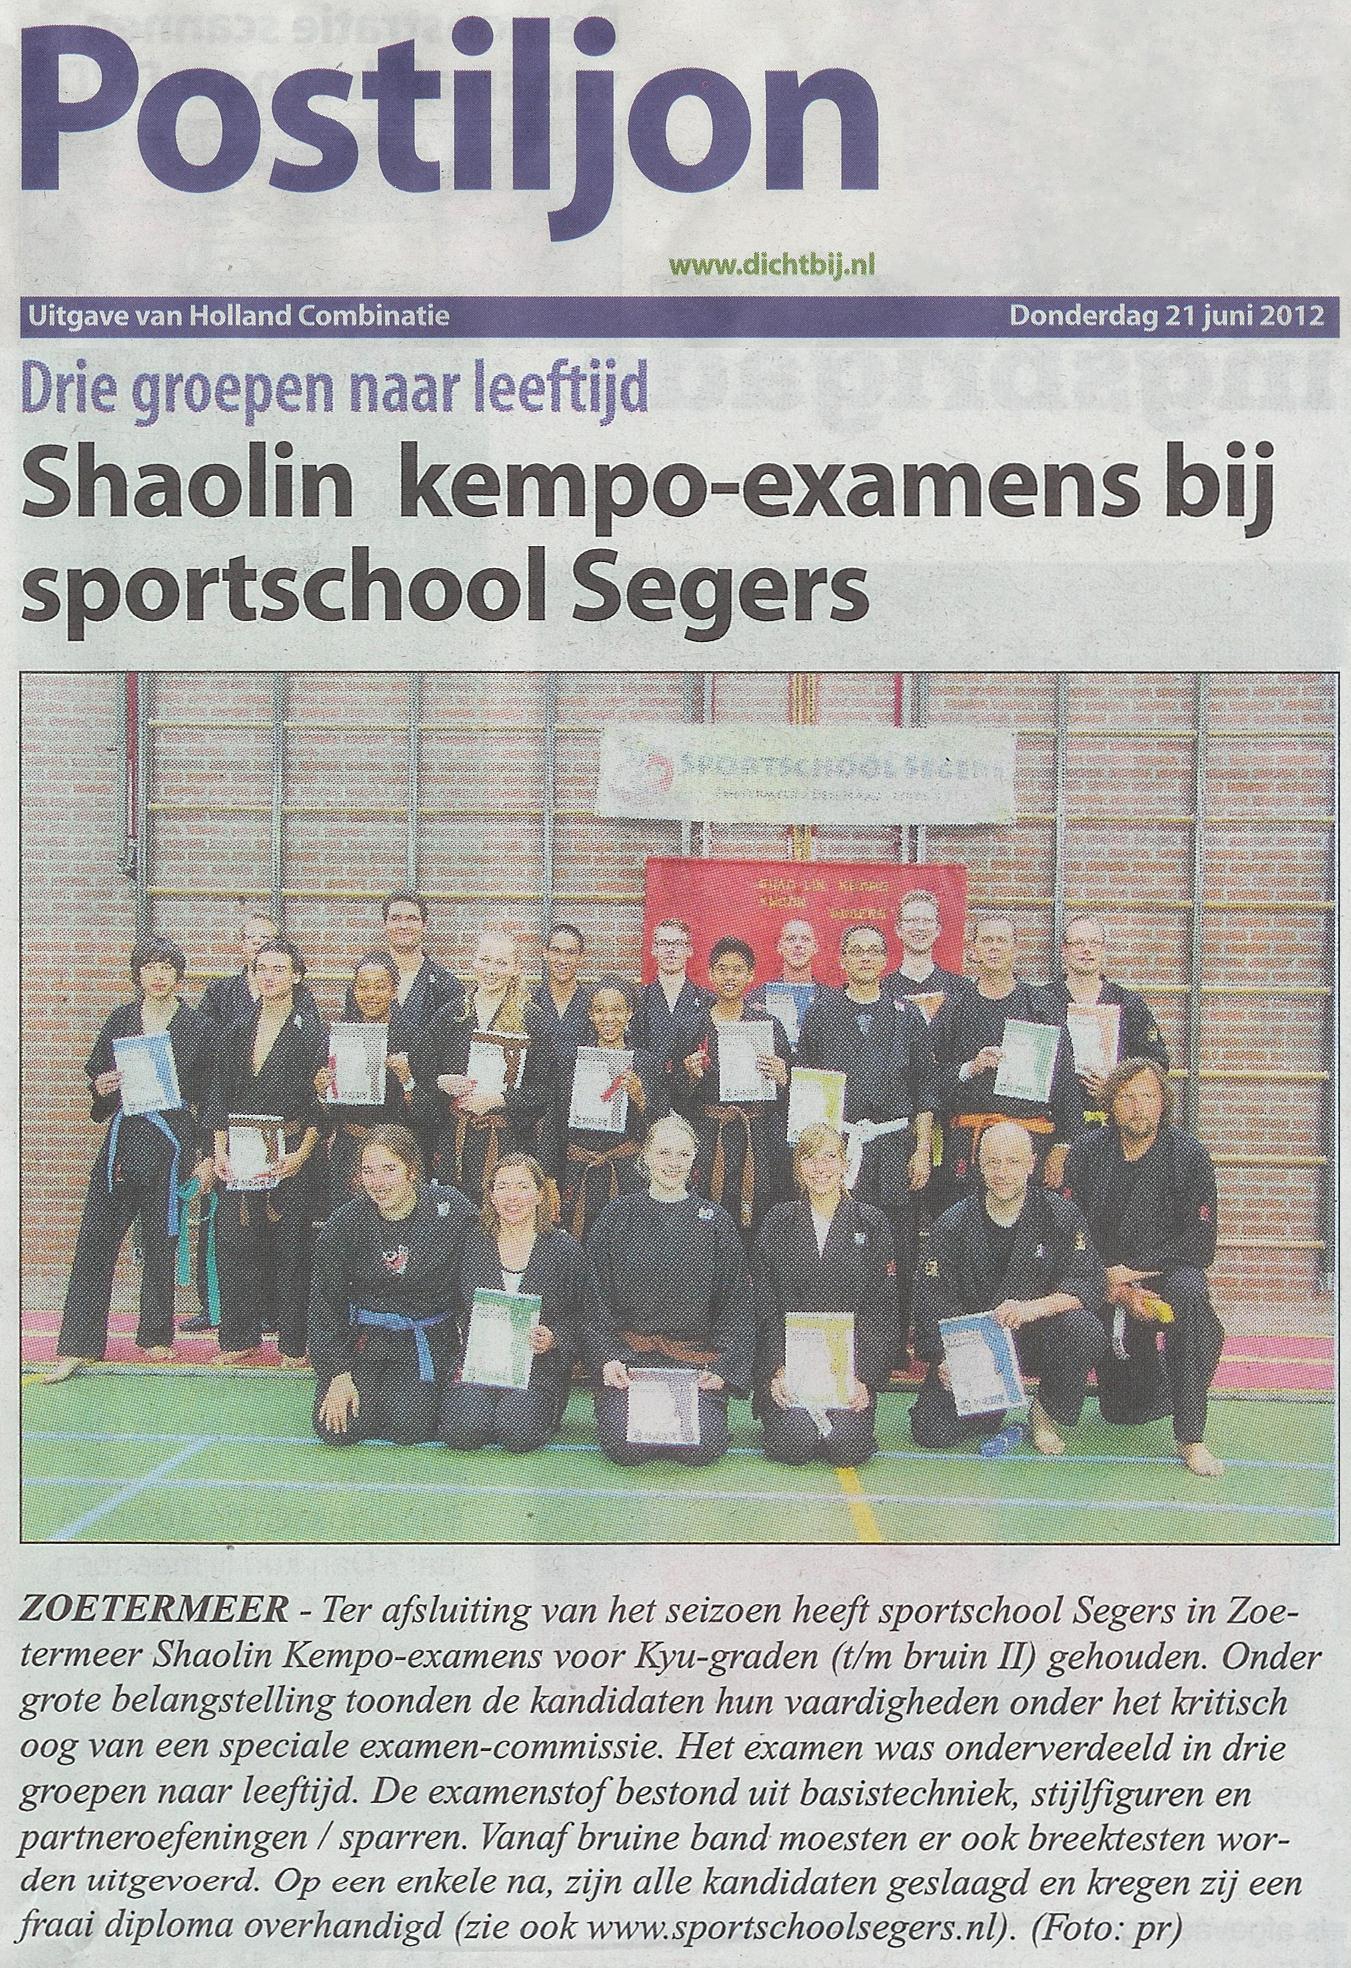 2012-06-21-de-postiljon-shaolin-kempo-examens-bij-sportschool-segers.jpg